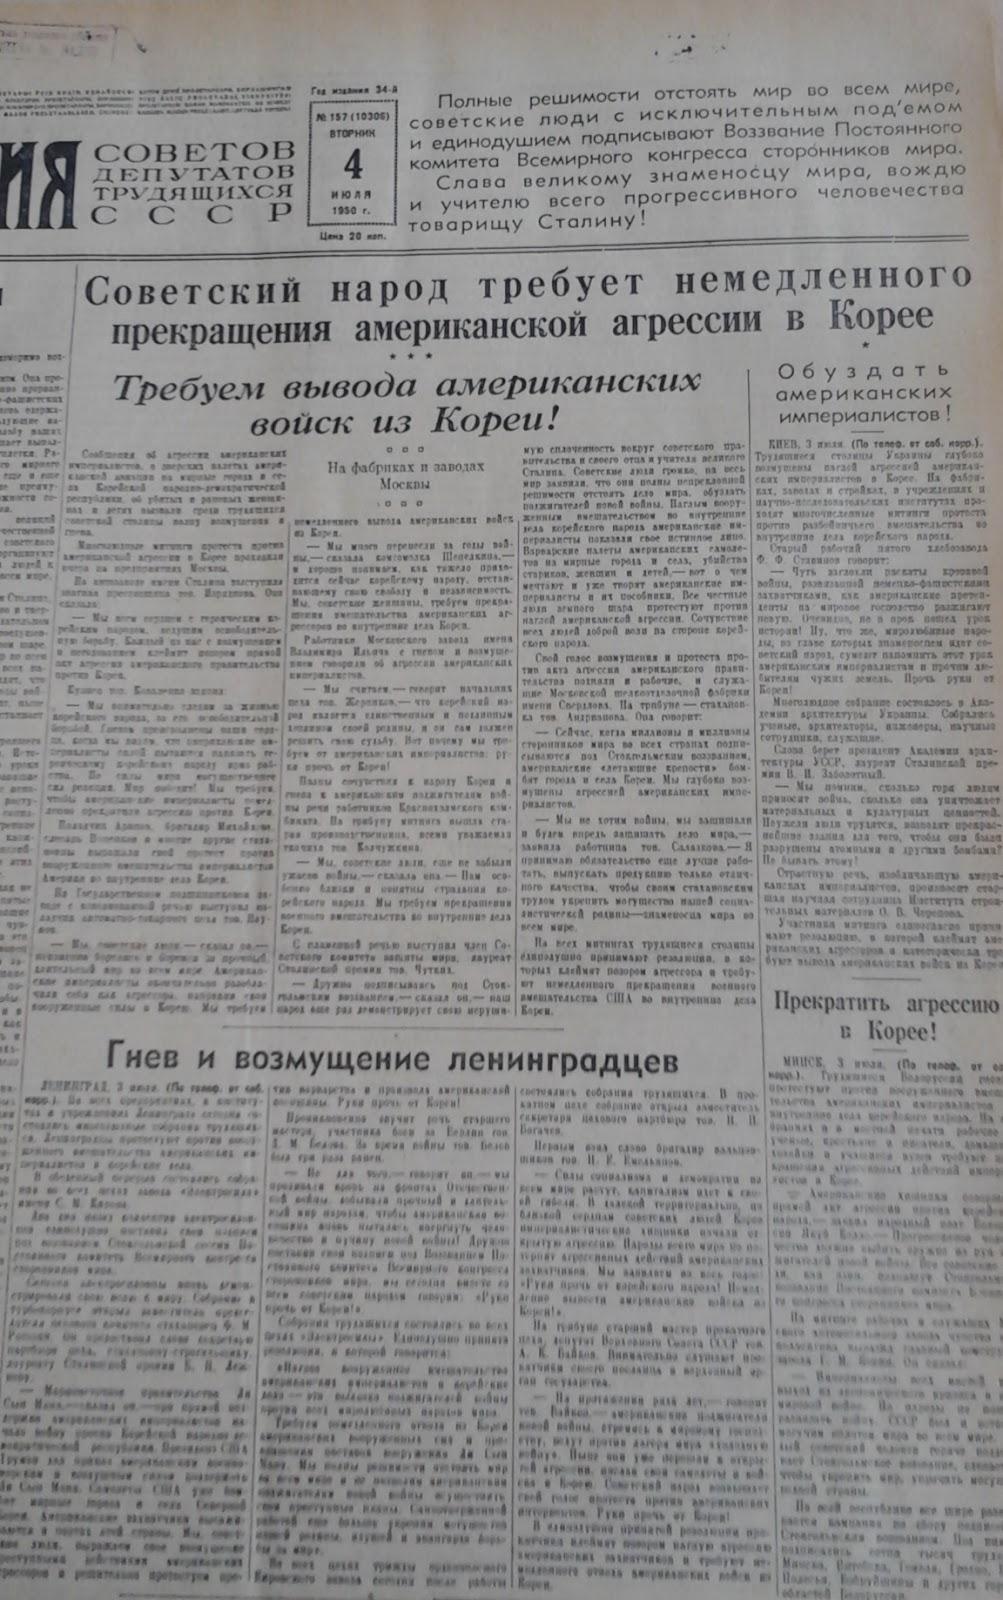 Газета Известия, 3 июля 1950 год